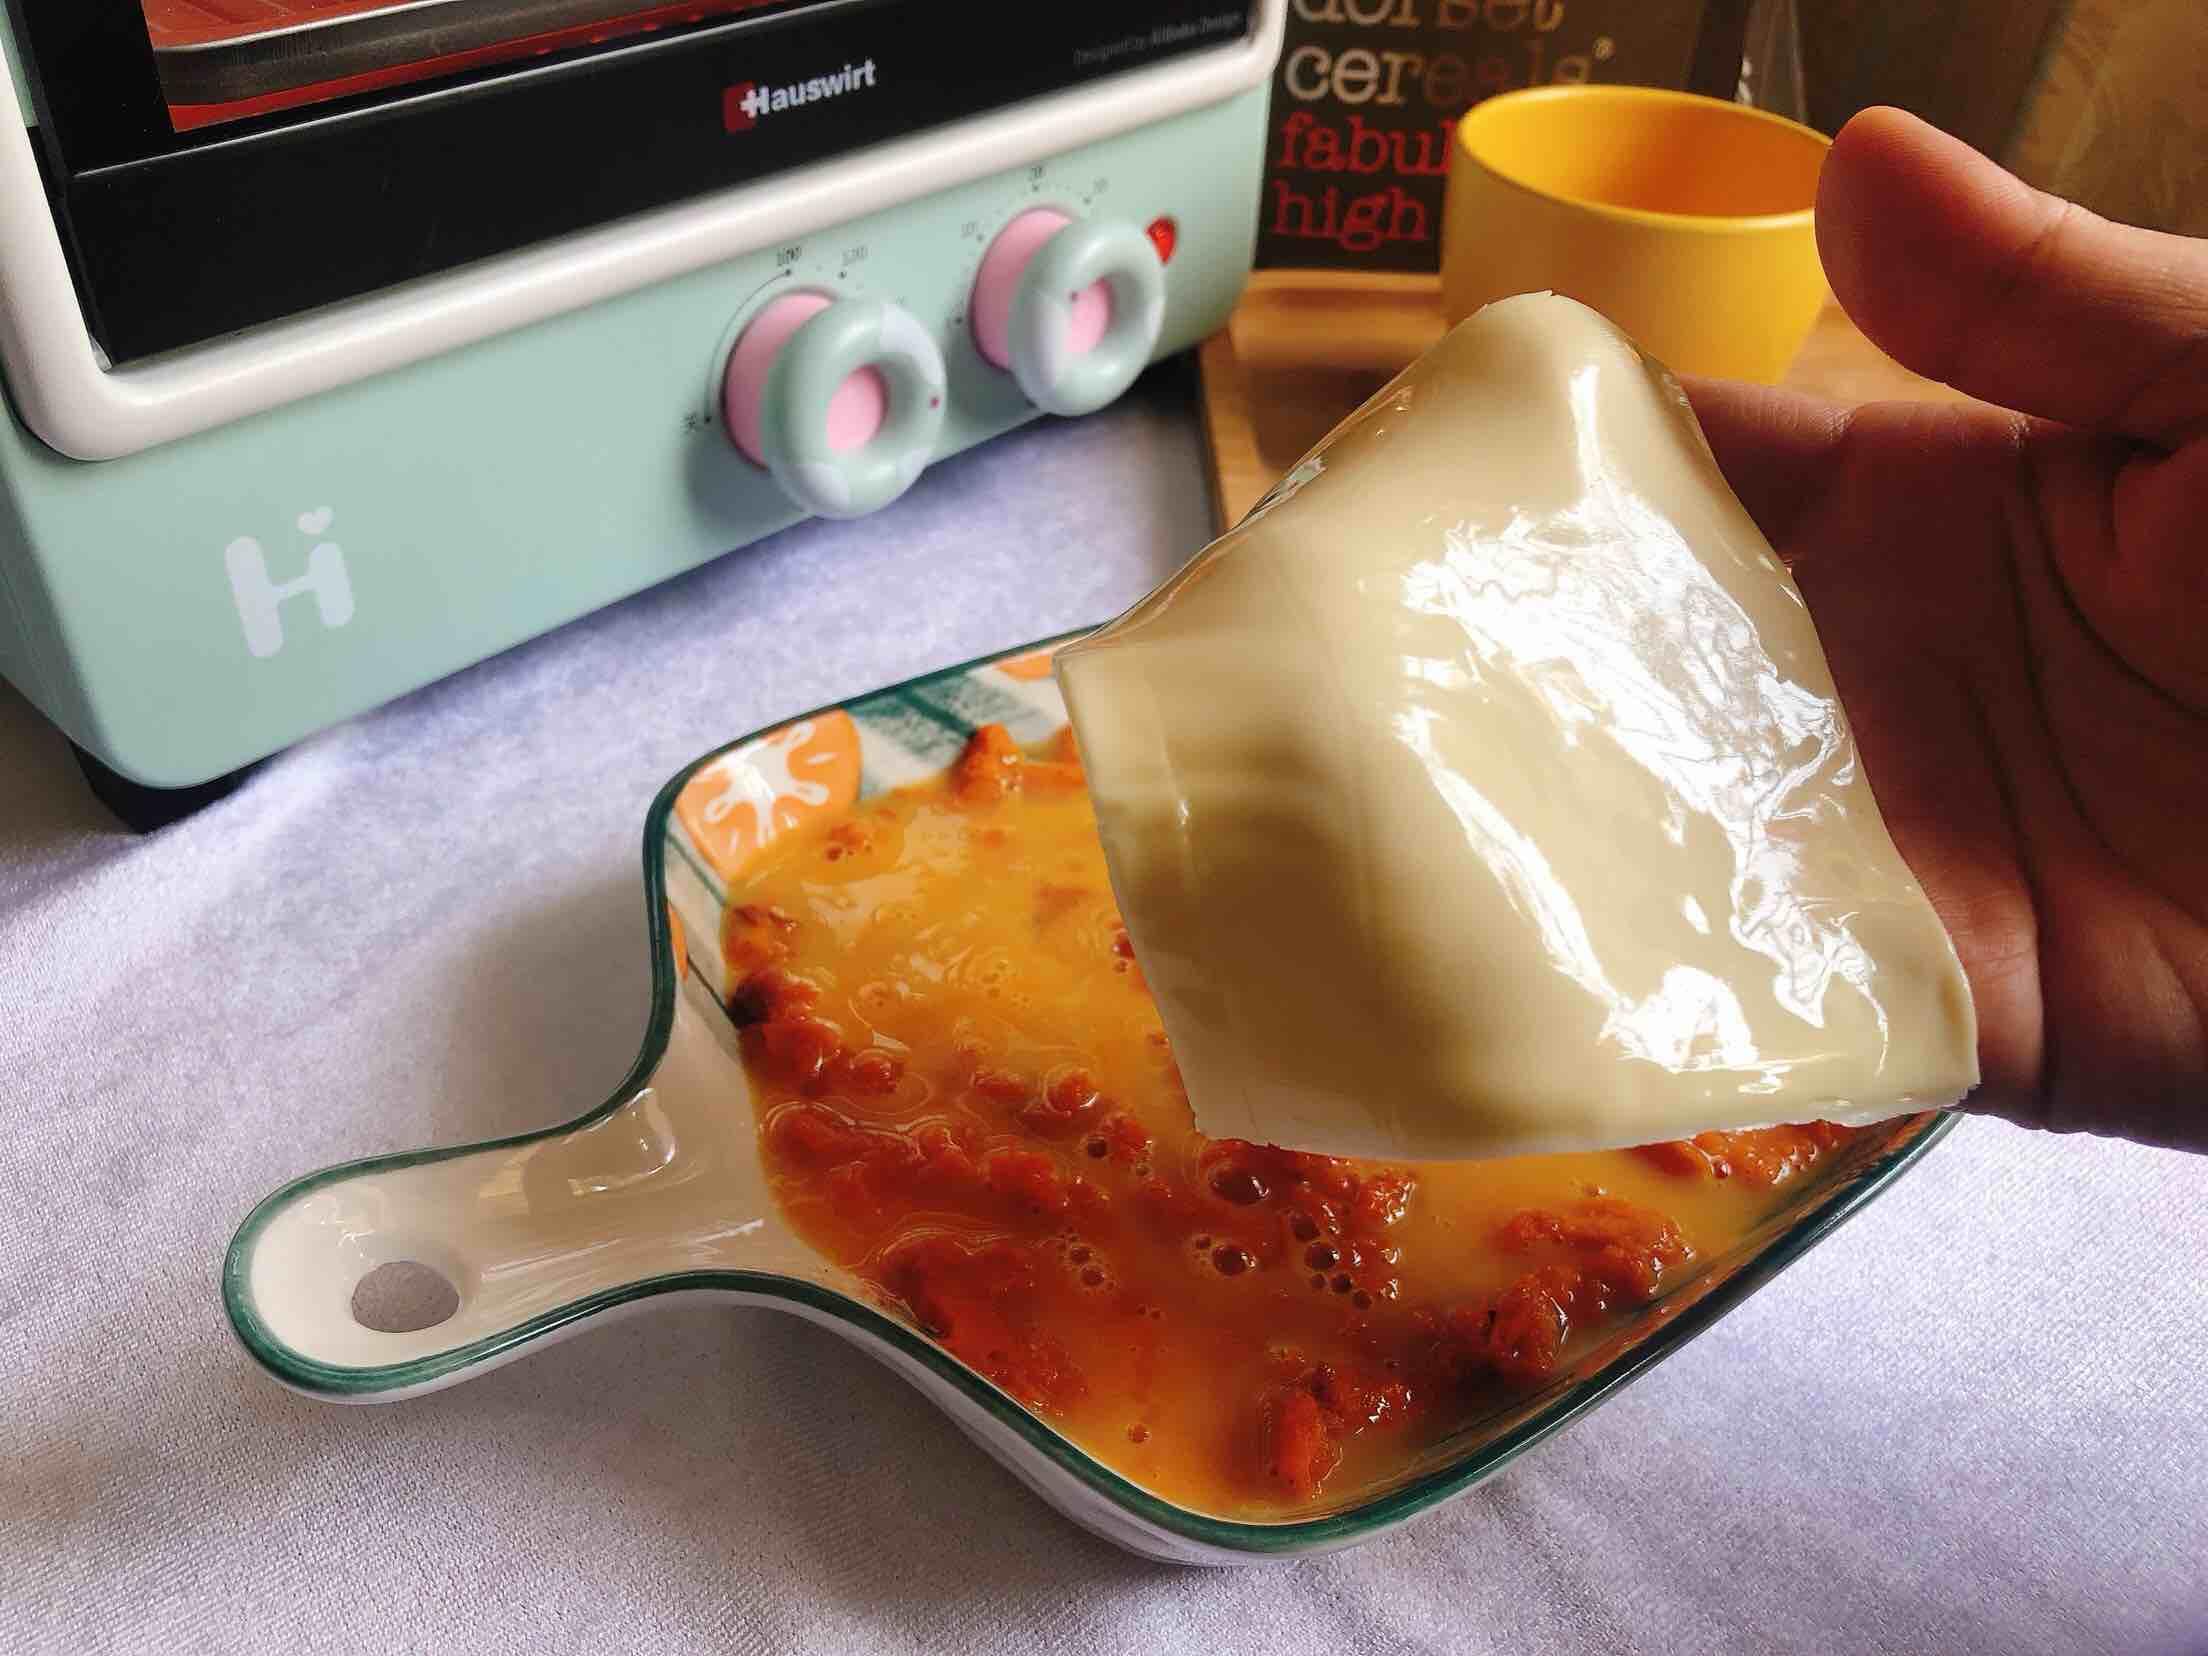 水果燕麦片之芝士焗南瓜的家常做法